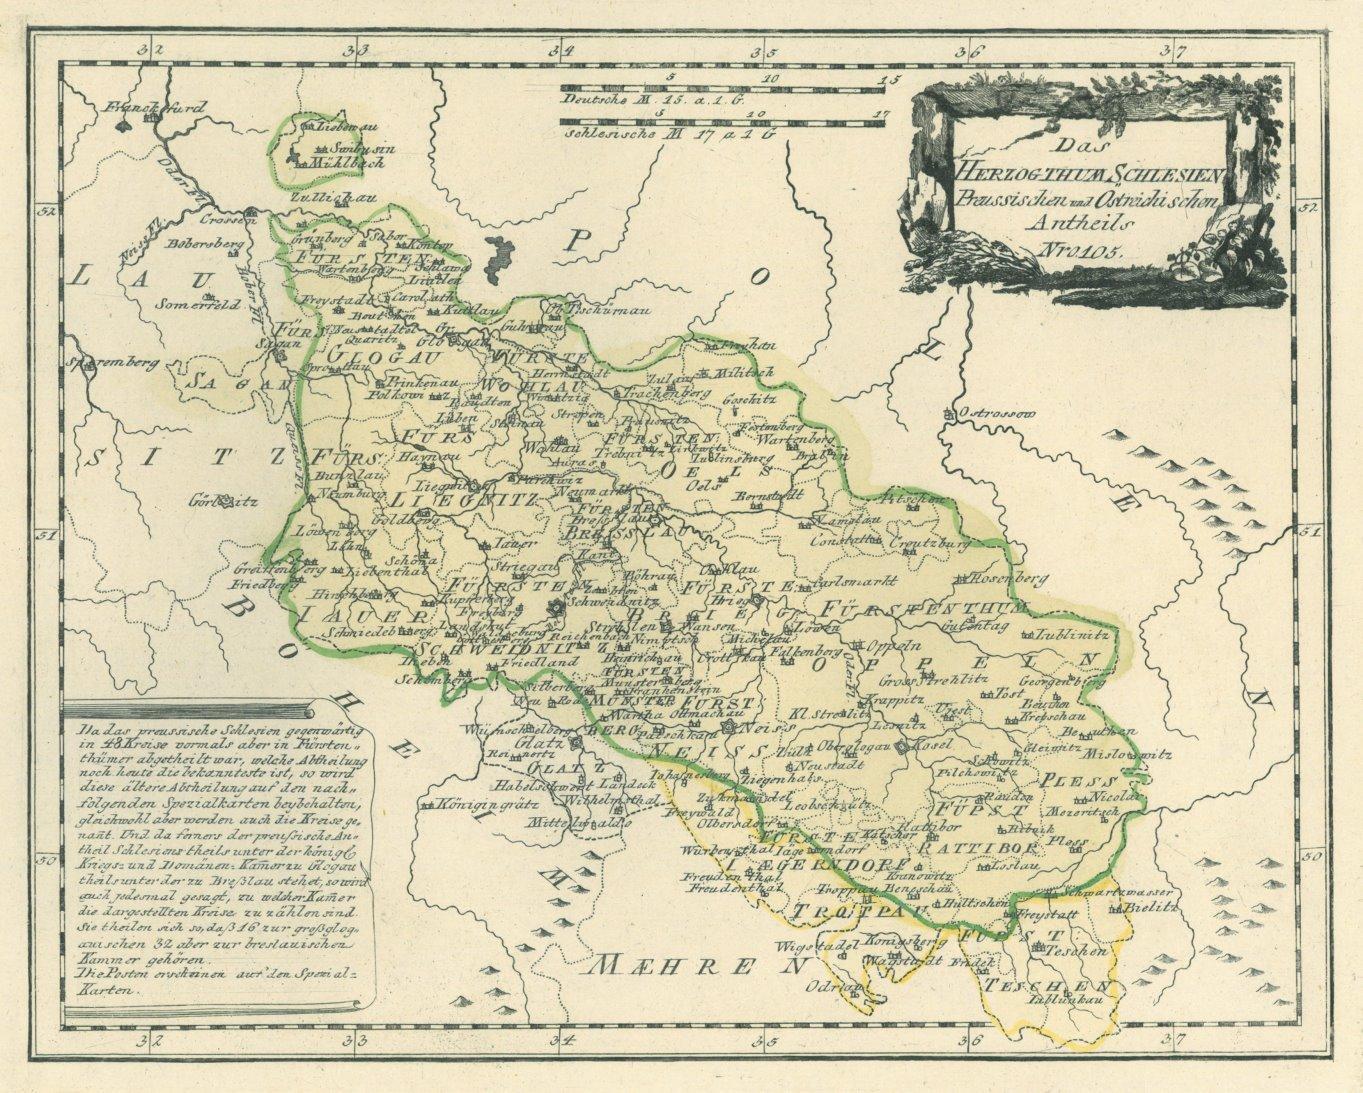 Schlesien Karte Heute.Schlesien Oberschlesien Karte